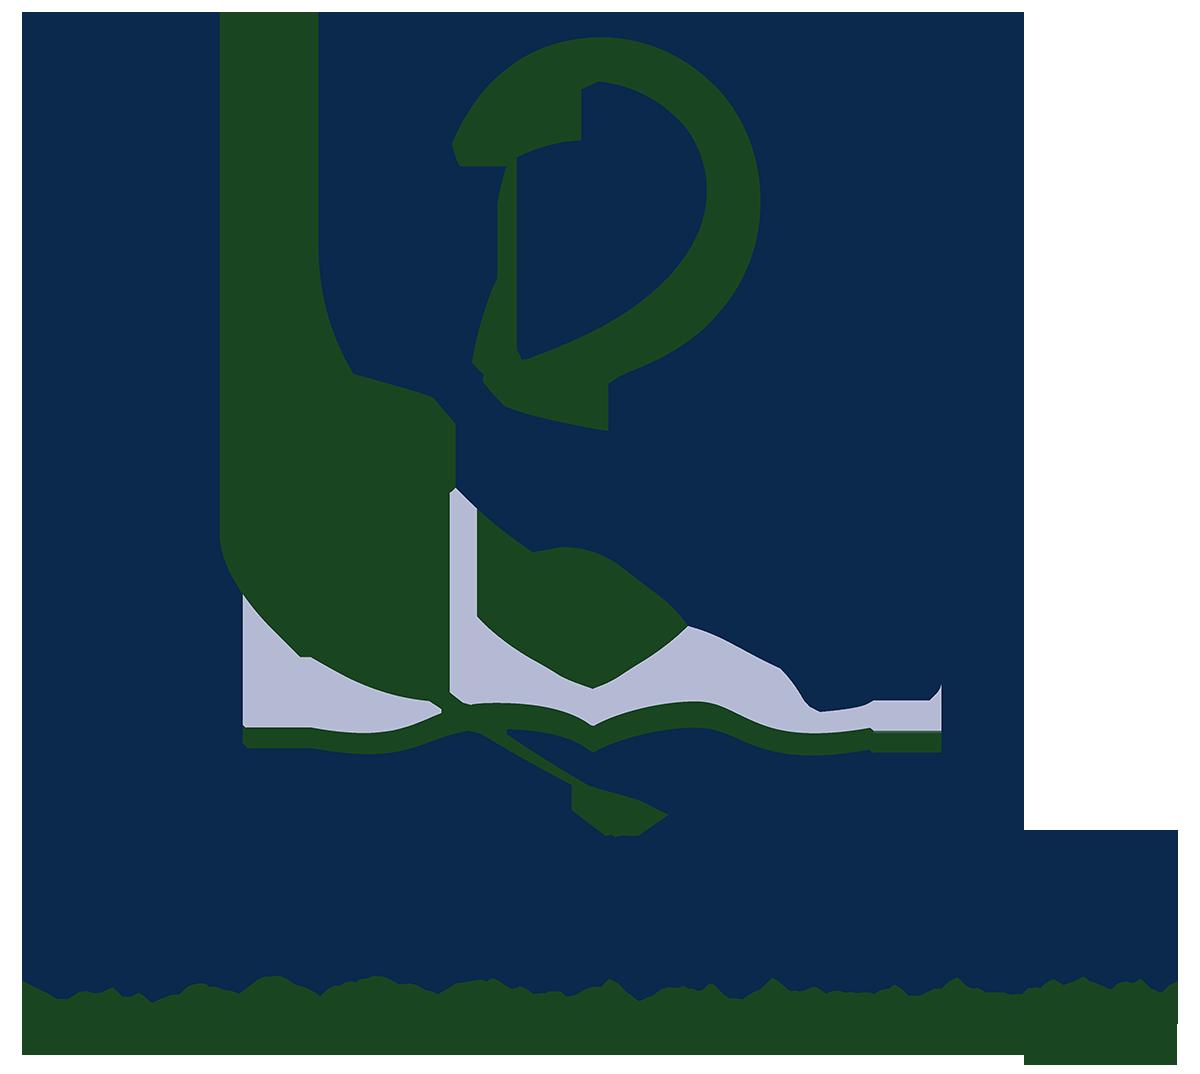 وظائف أكاديمية للنساء بكلية الإدارة والأعمال بجامعة نورة